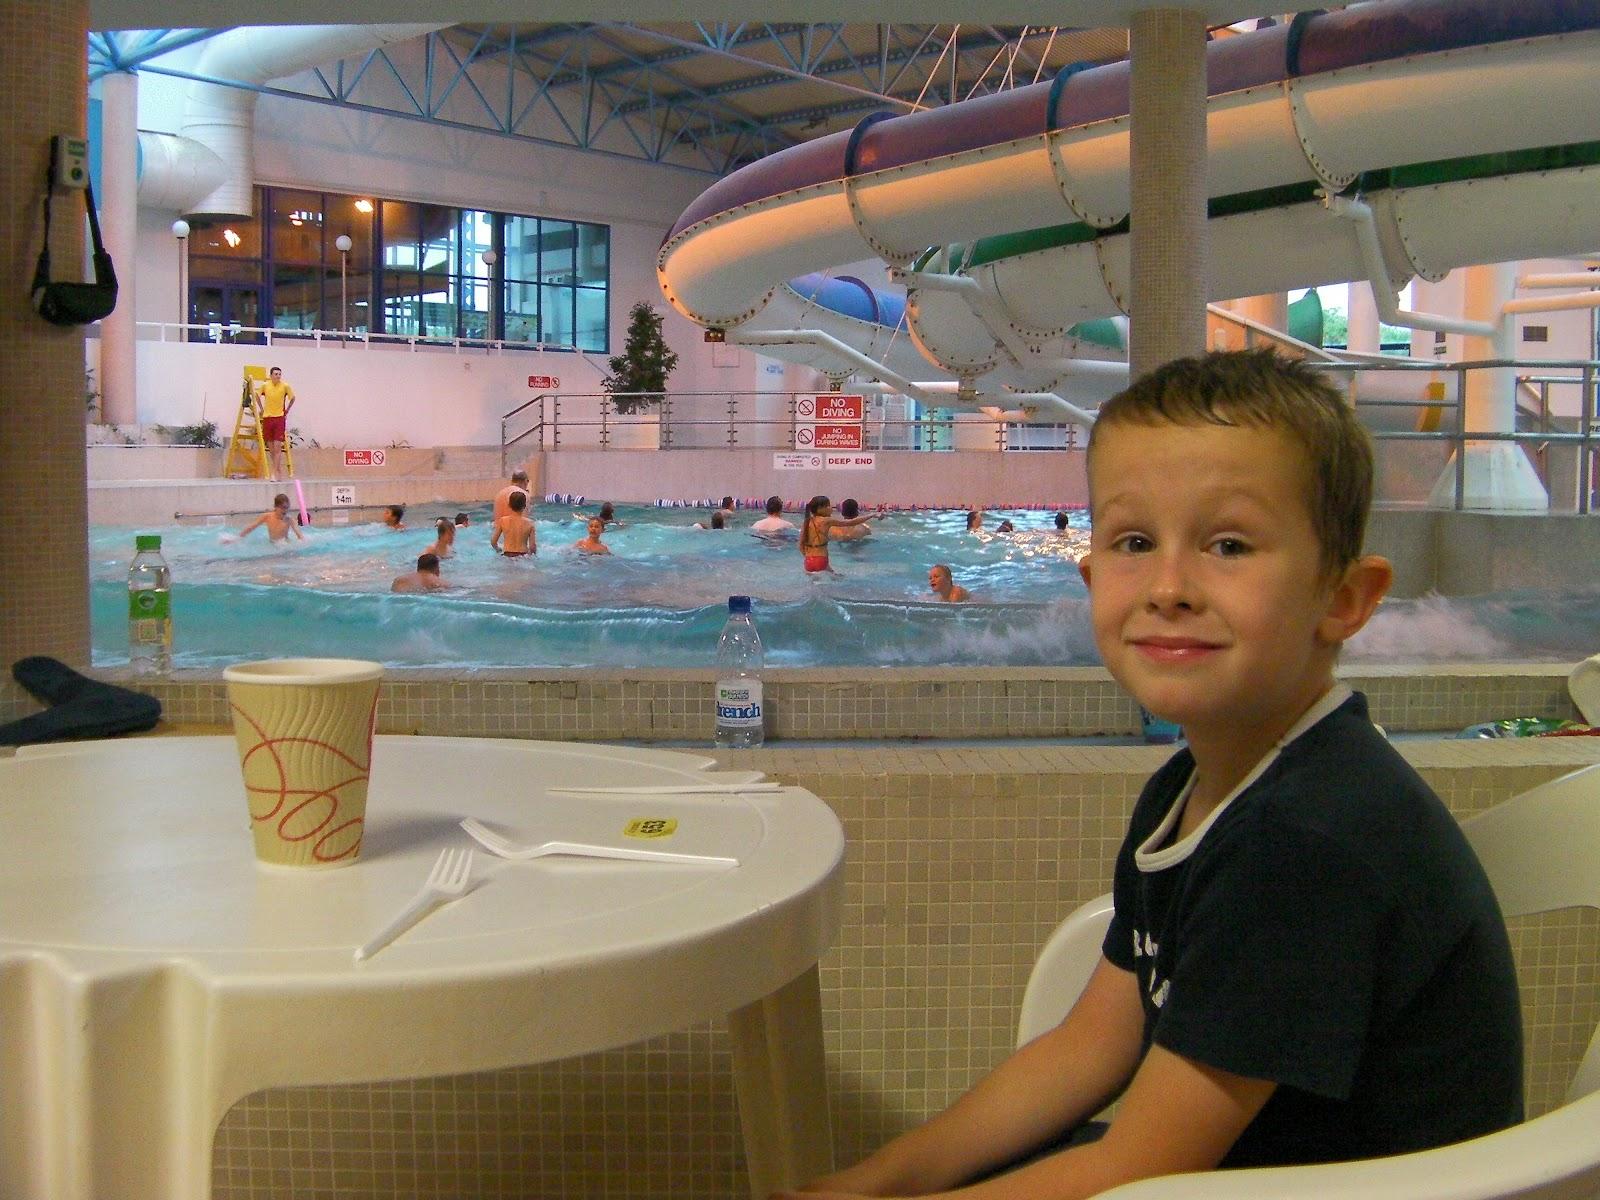 Professor mungleton september 2012 for Pyramid swimming pool portsmouth